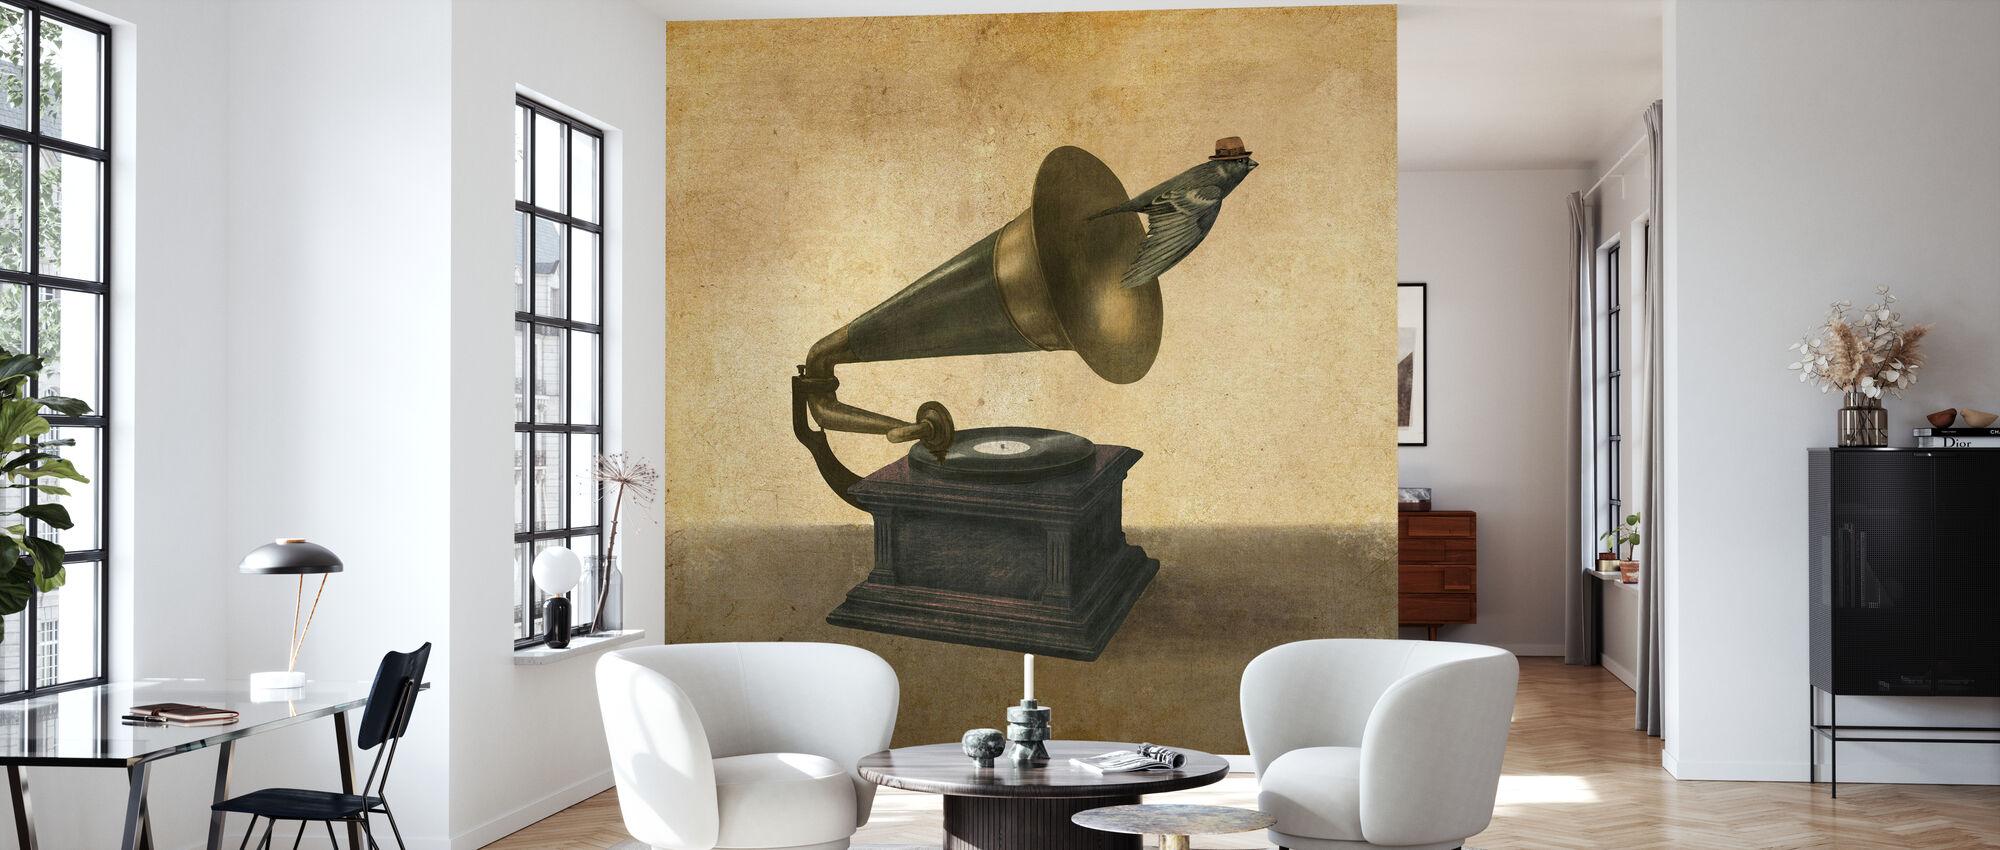 Vintage Songbird - Tapete - Wohnzimmer